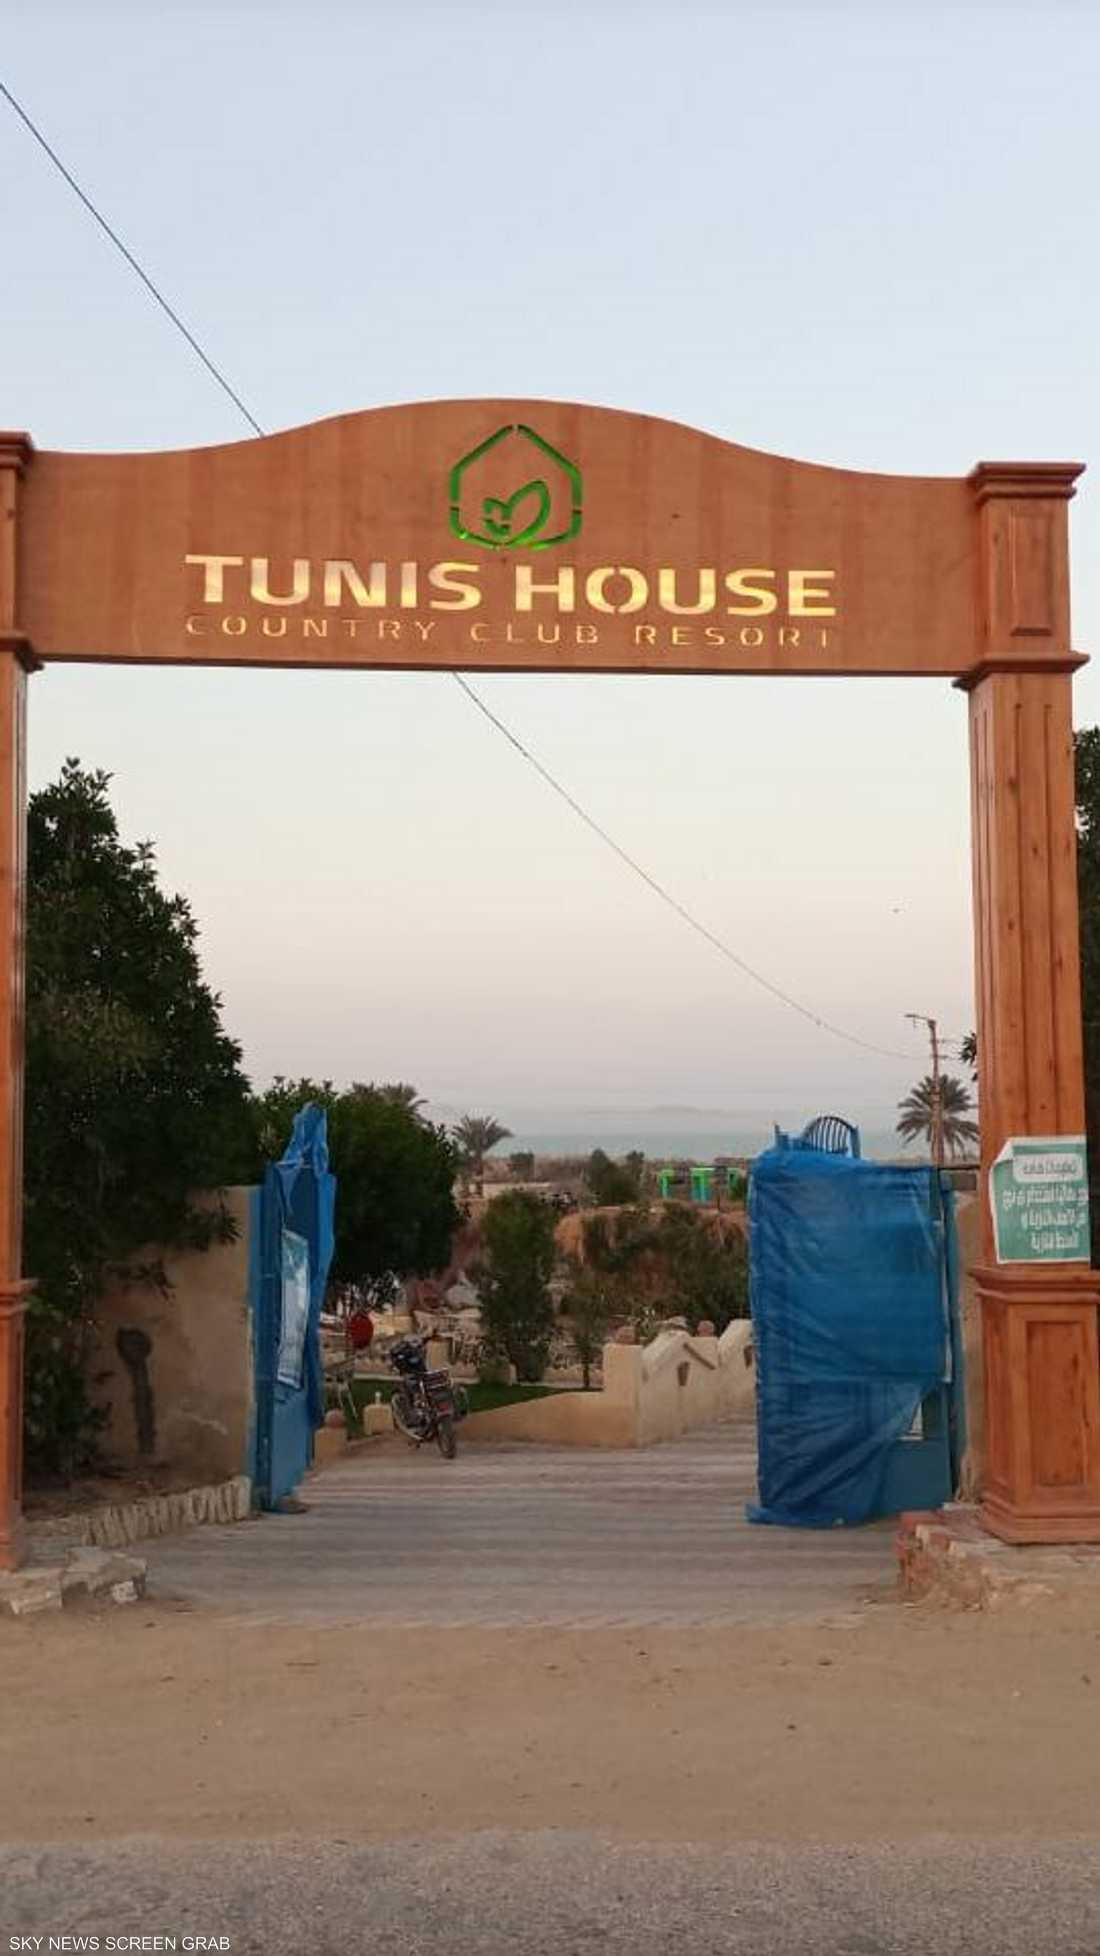 على بعد أكثر من 100 كيلومتر جنوب القاهرة المصرية تقع قرية تونس الشهيرة بمحافظة الفيوم، والمتخصصة في تعليم صناعة الخزف والفخار.